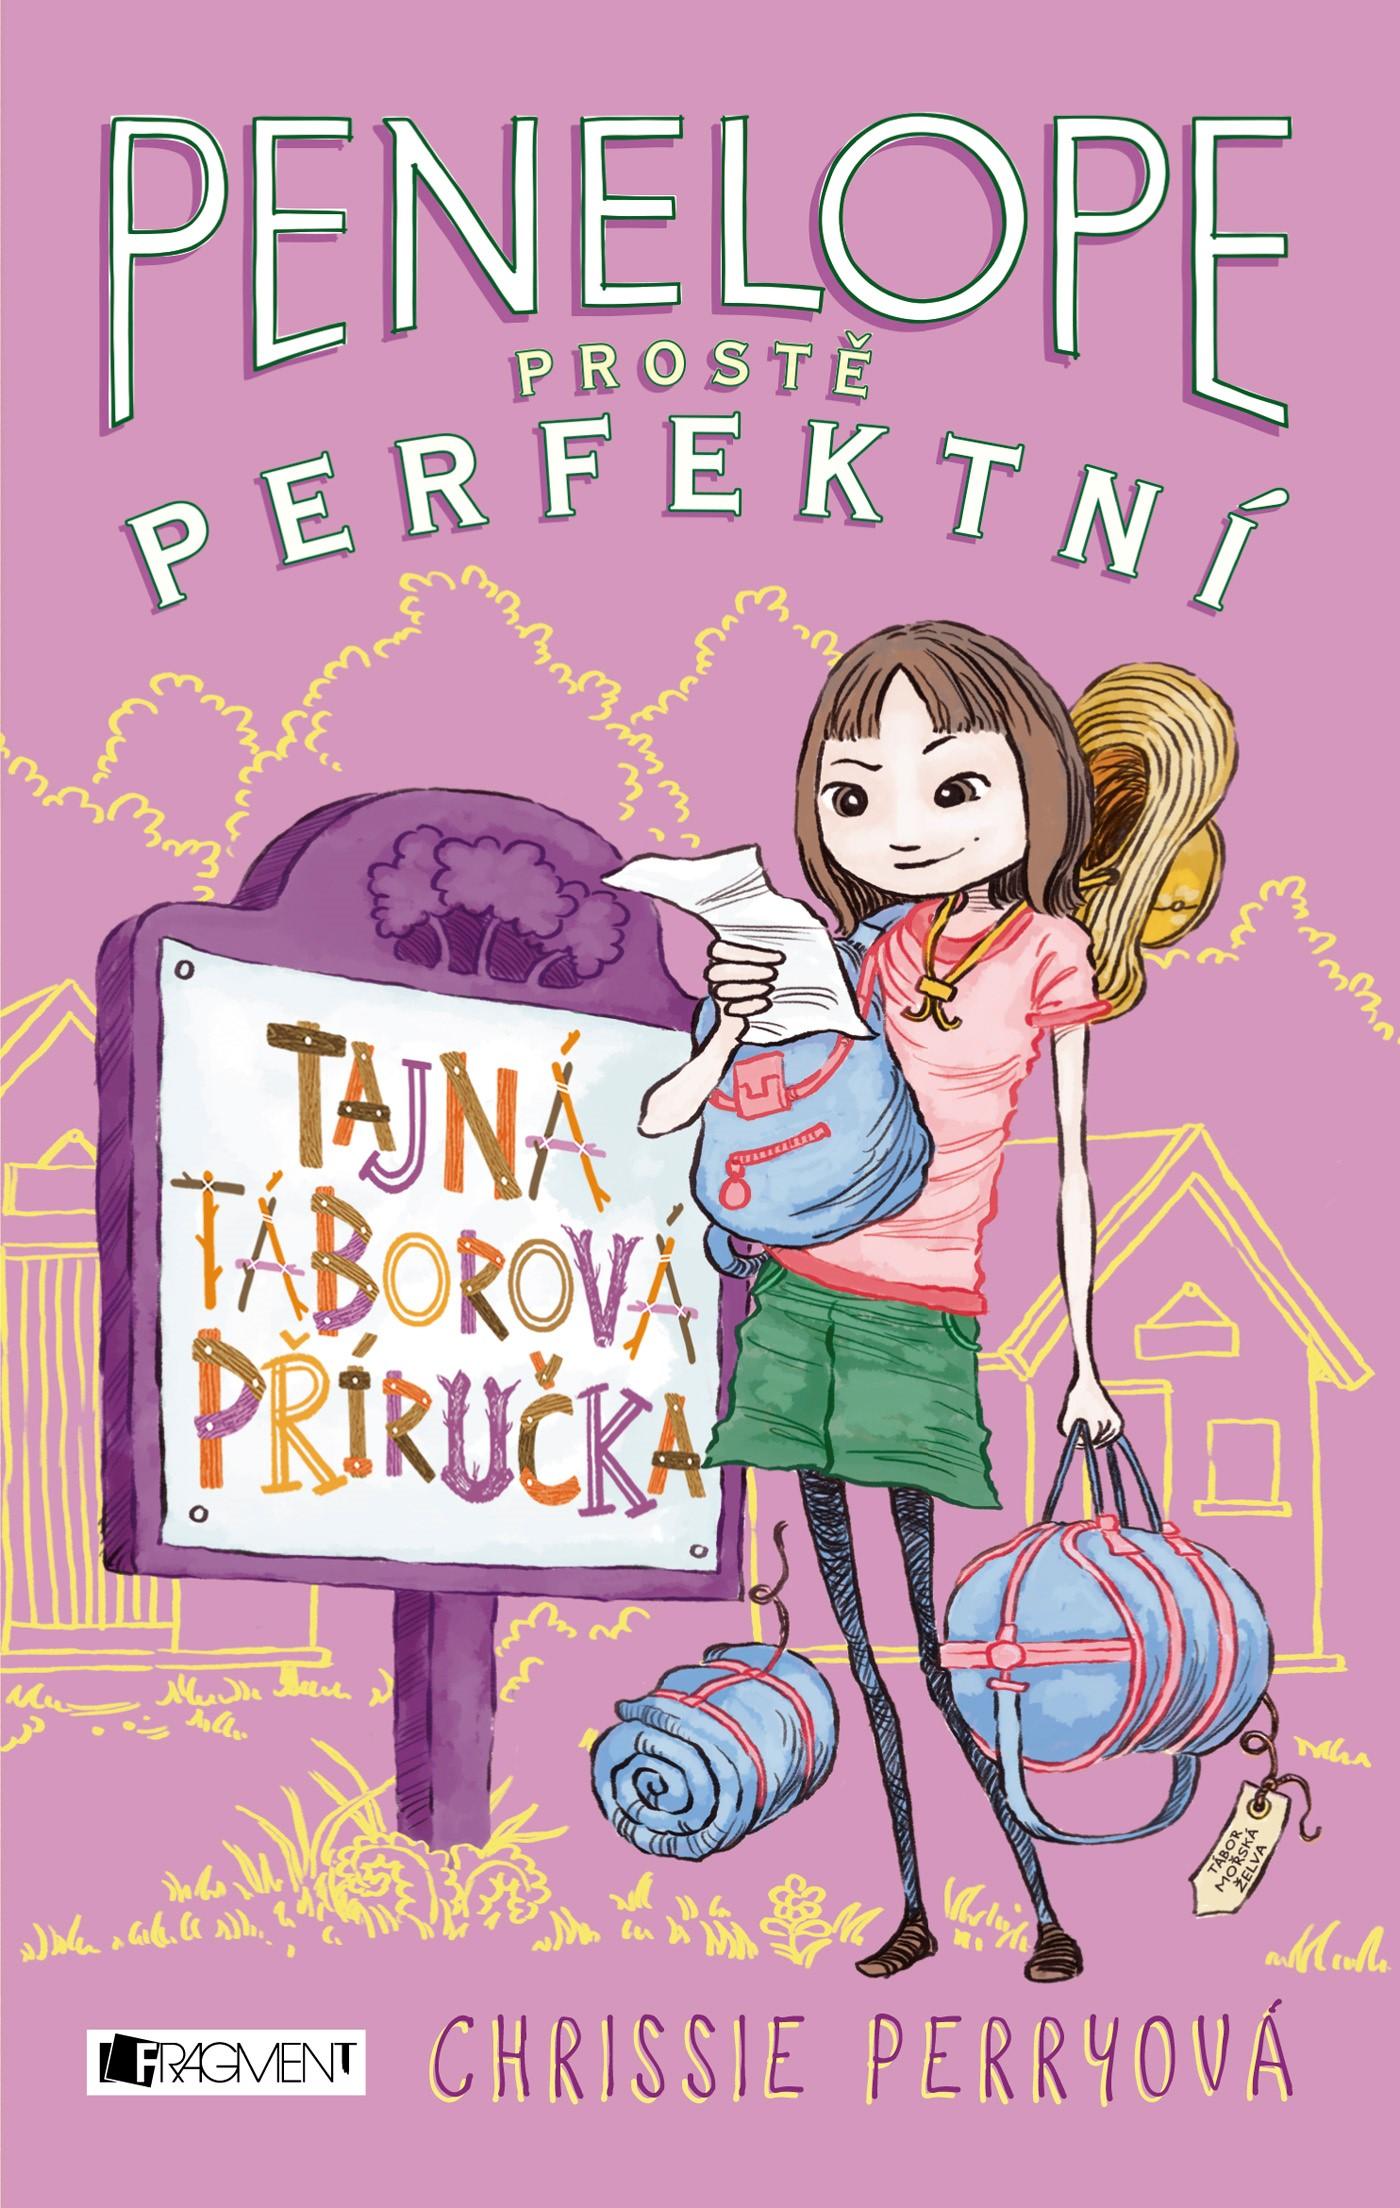 Penelope prostě perfektní - Tajná táborová příručka - Chrissie Perryová